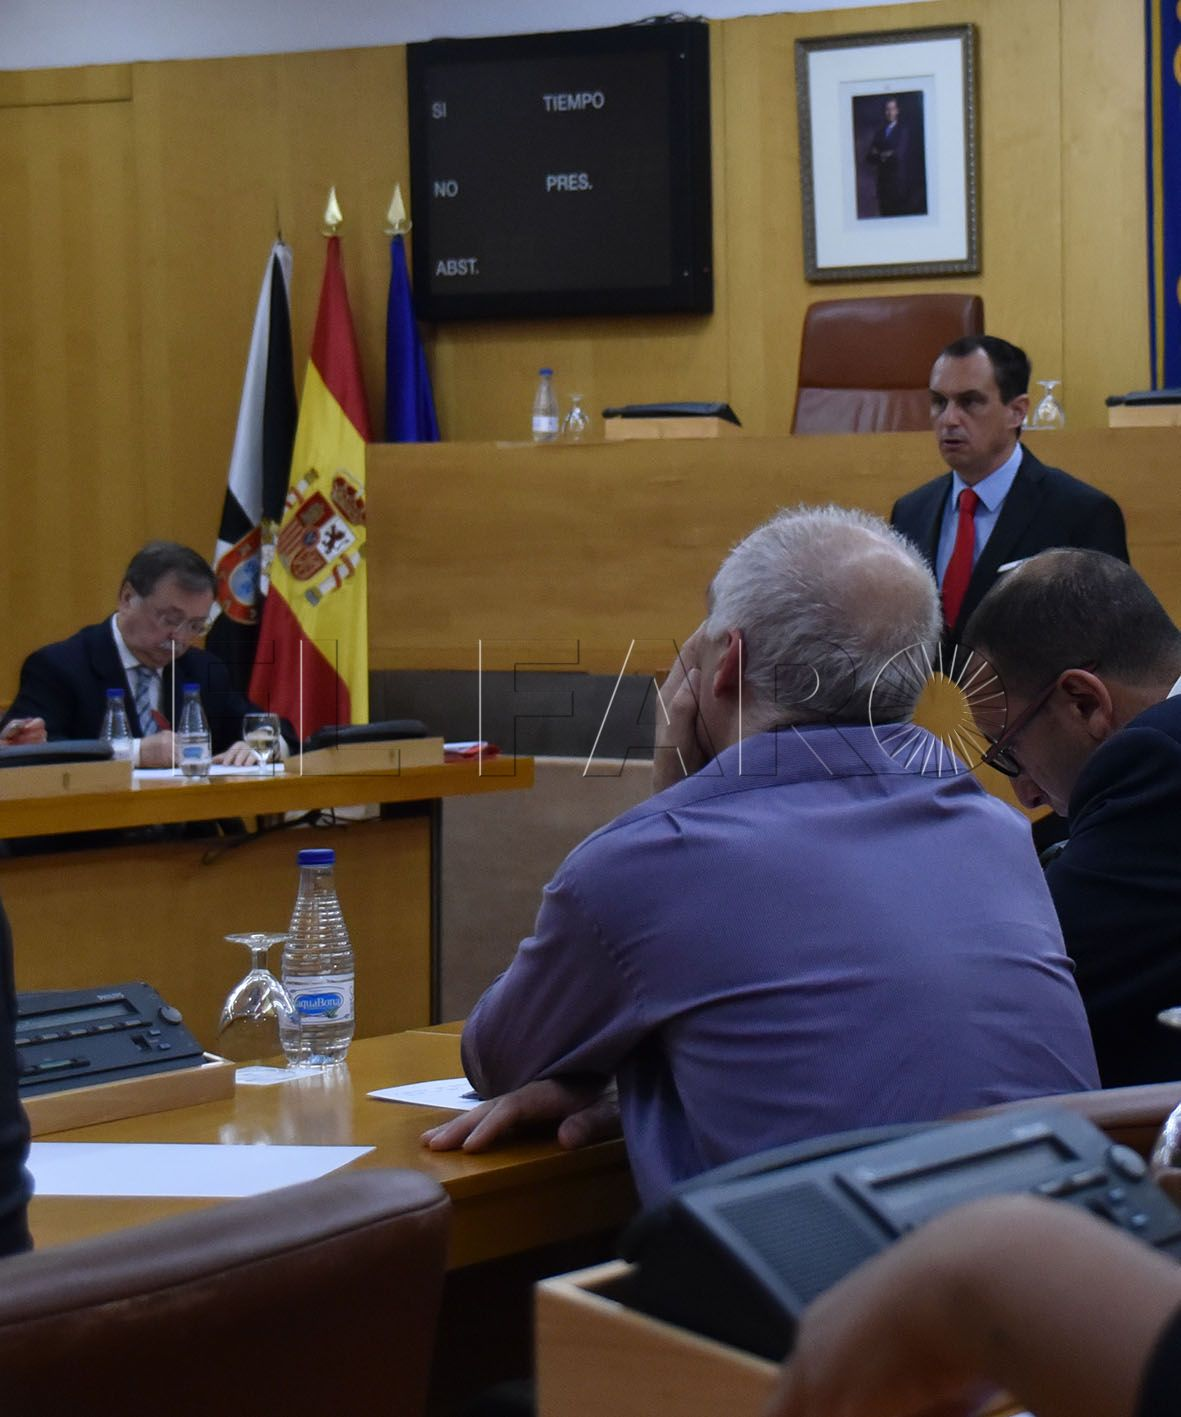 El PSOE ofrece varias soluciones para el problema de la frontera